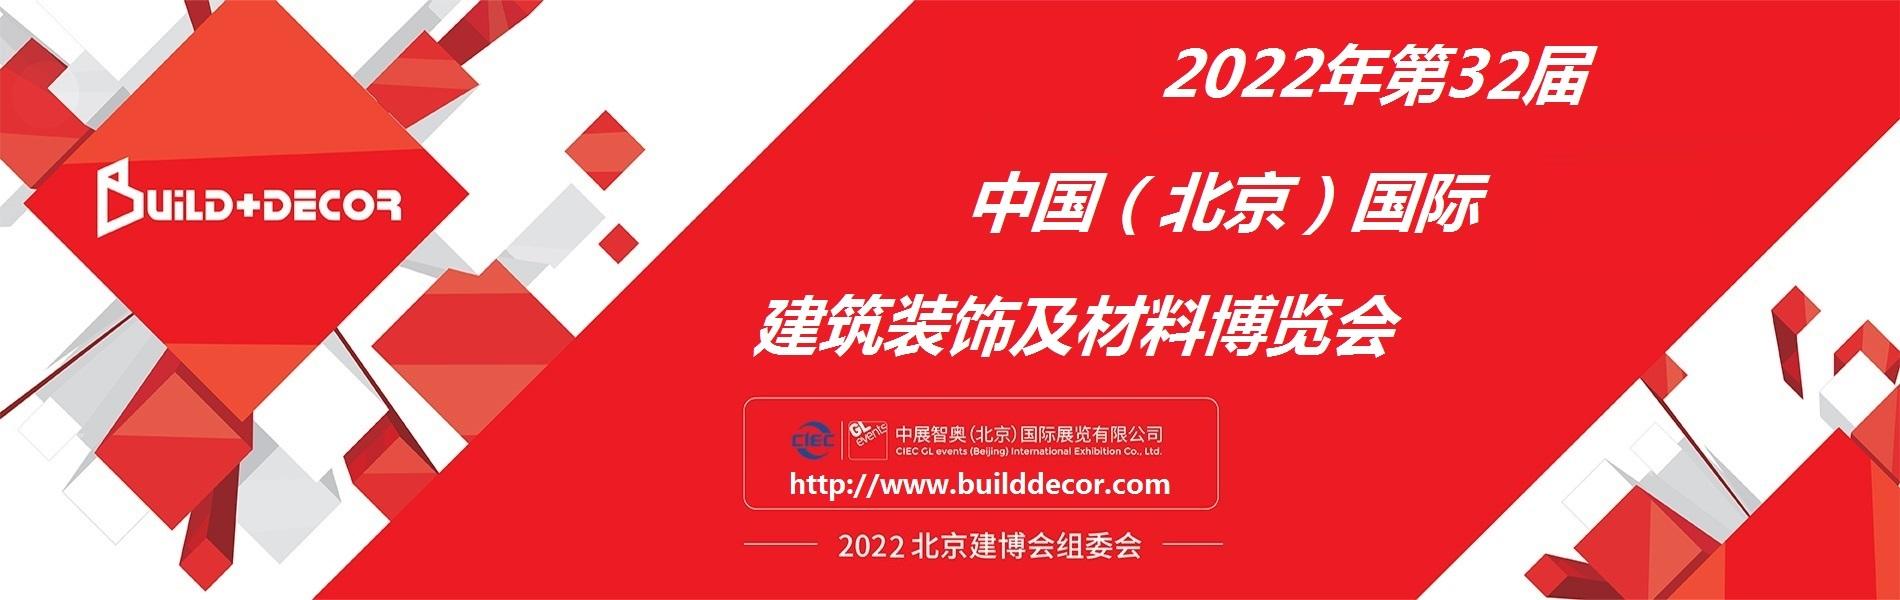 北京建博会-首页-4